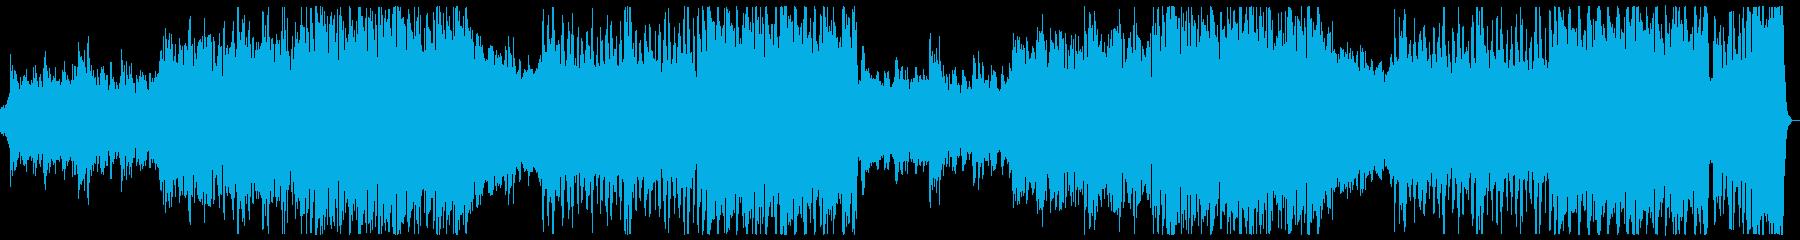 希望に満ち前向きで壮大なマーチxフル2回の再生済みの波形